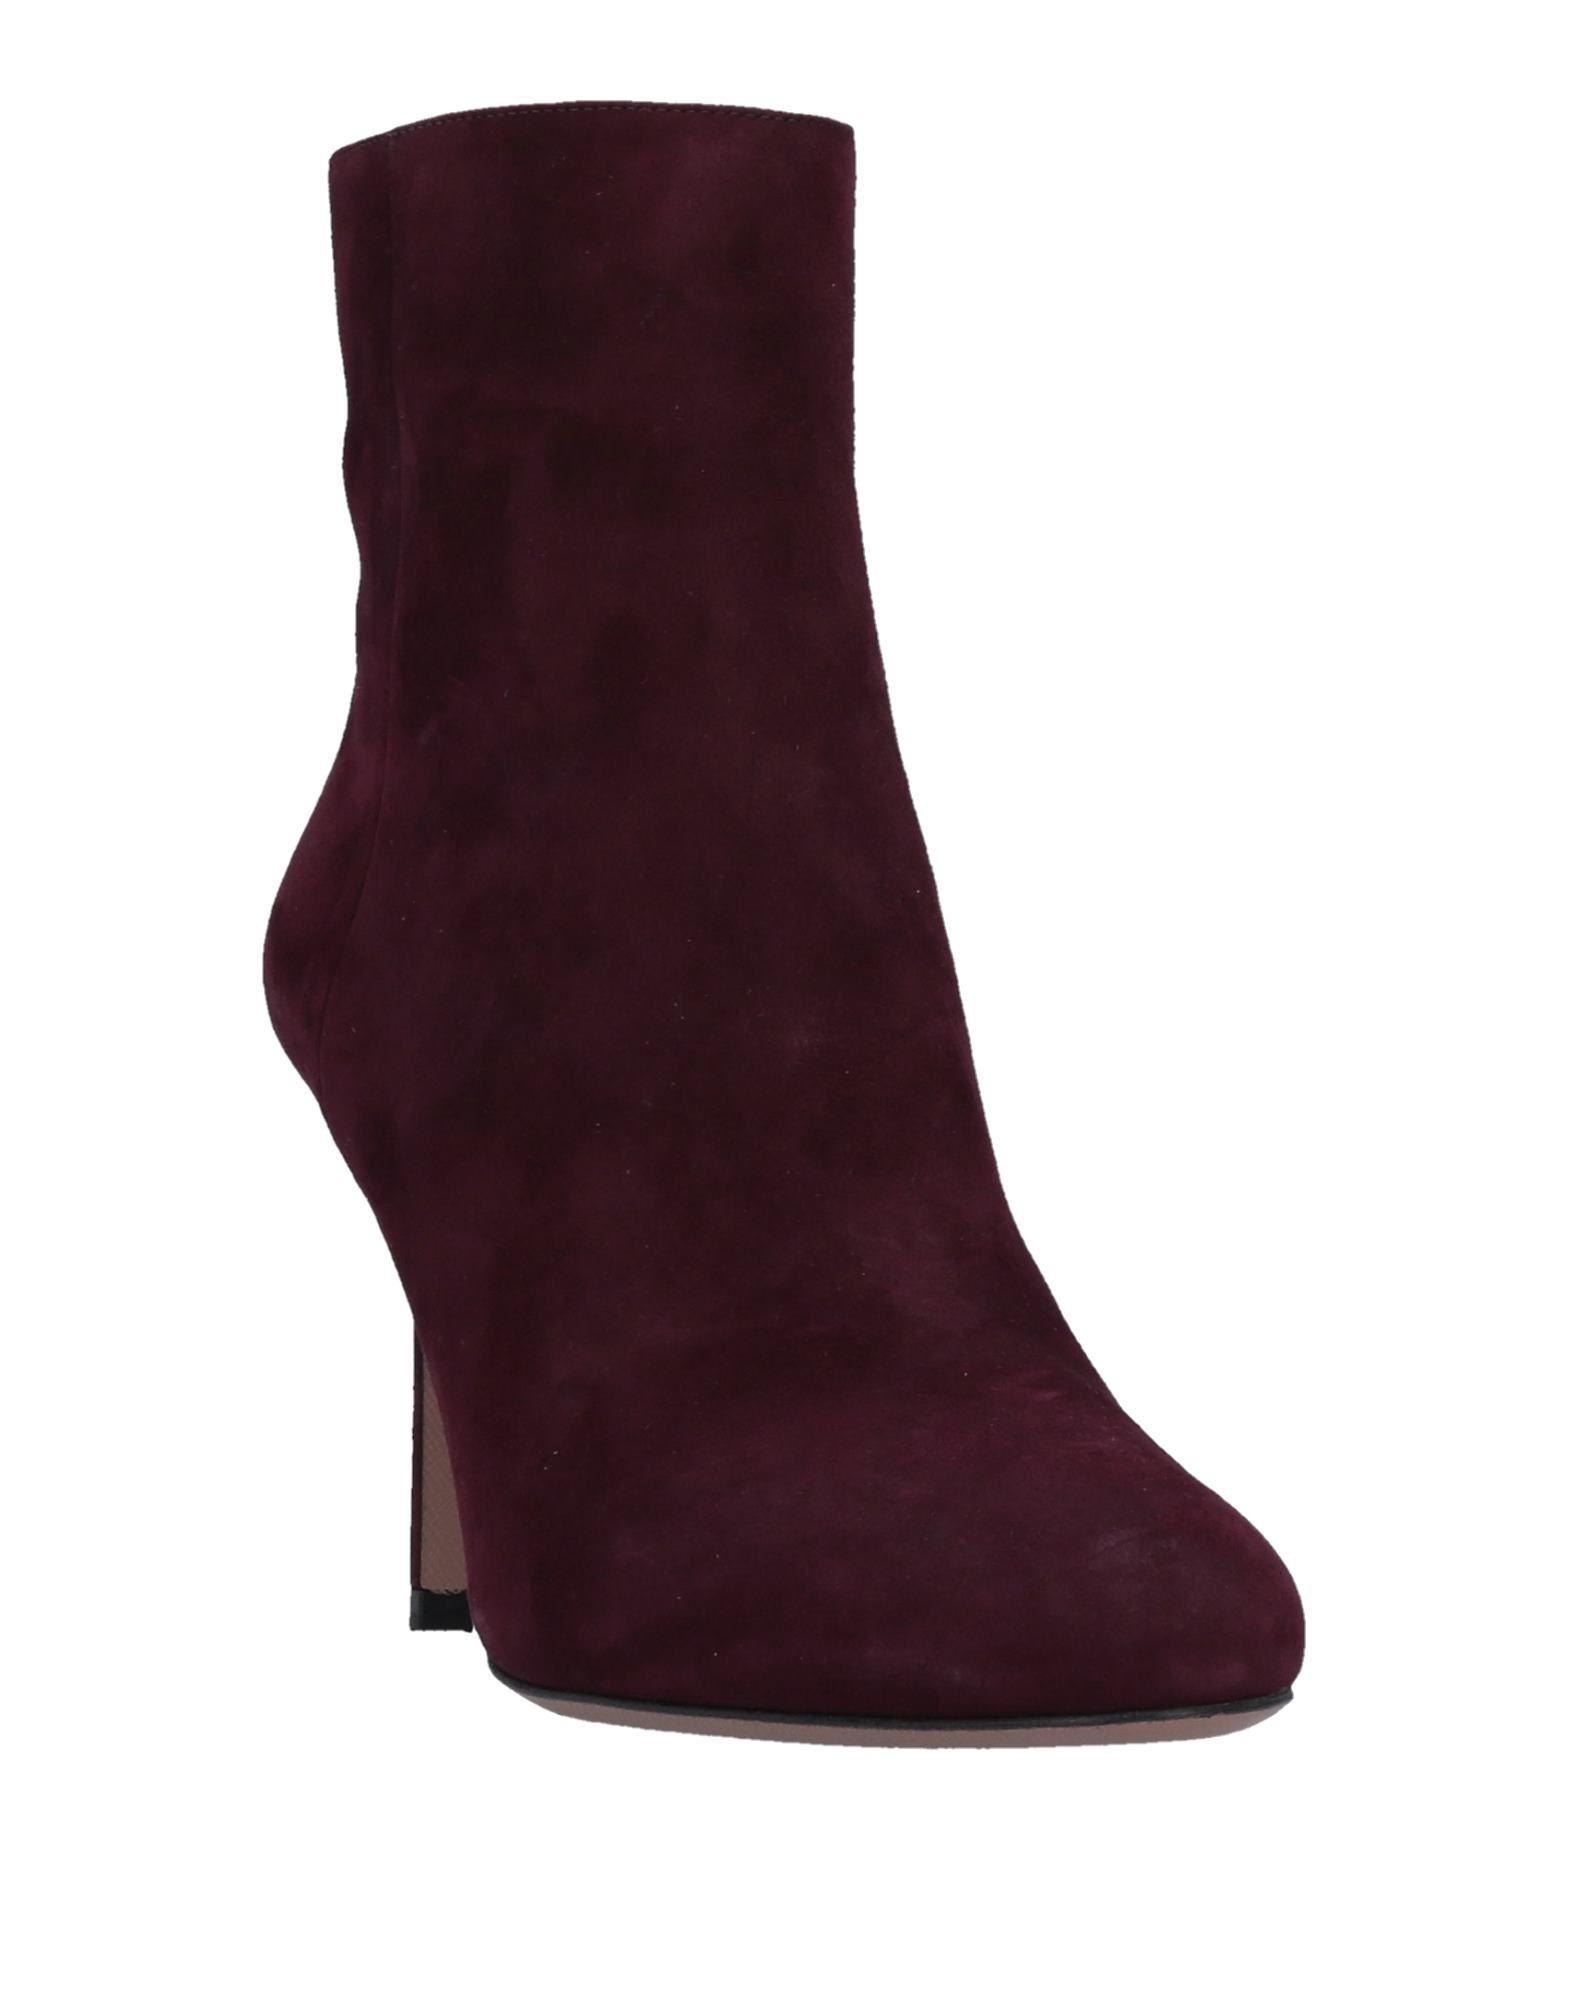 Haltbare Mode billige Schuhe Prada Stiefelette Damen  35380024TL Heiße Schuhe